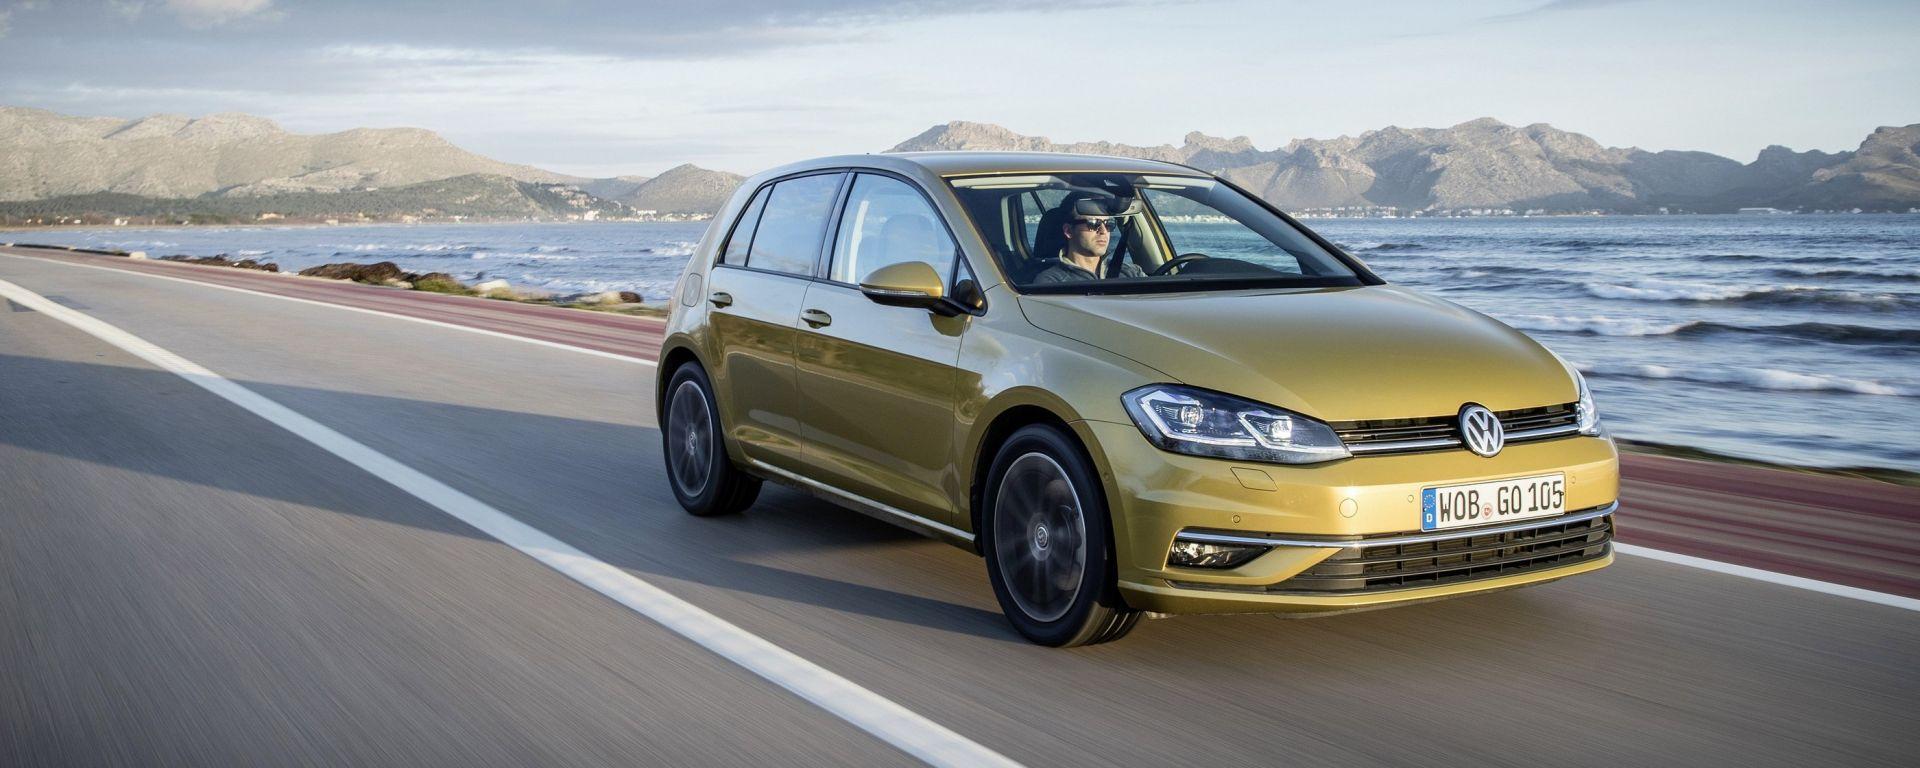 Volkswagen Golf restyling: prova, dotazioni, prezzi [video]